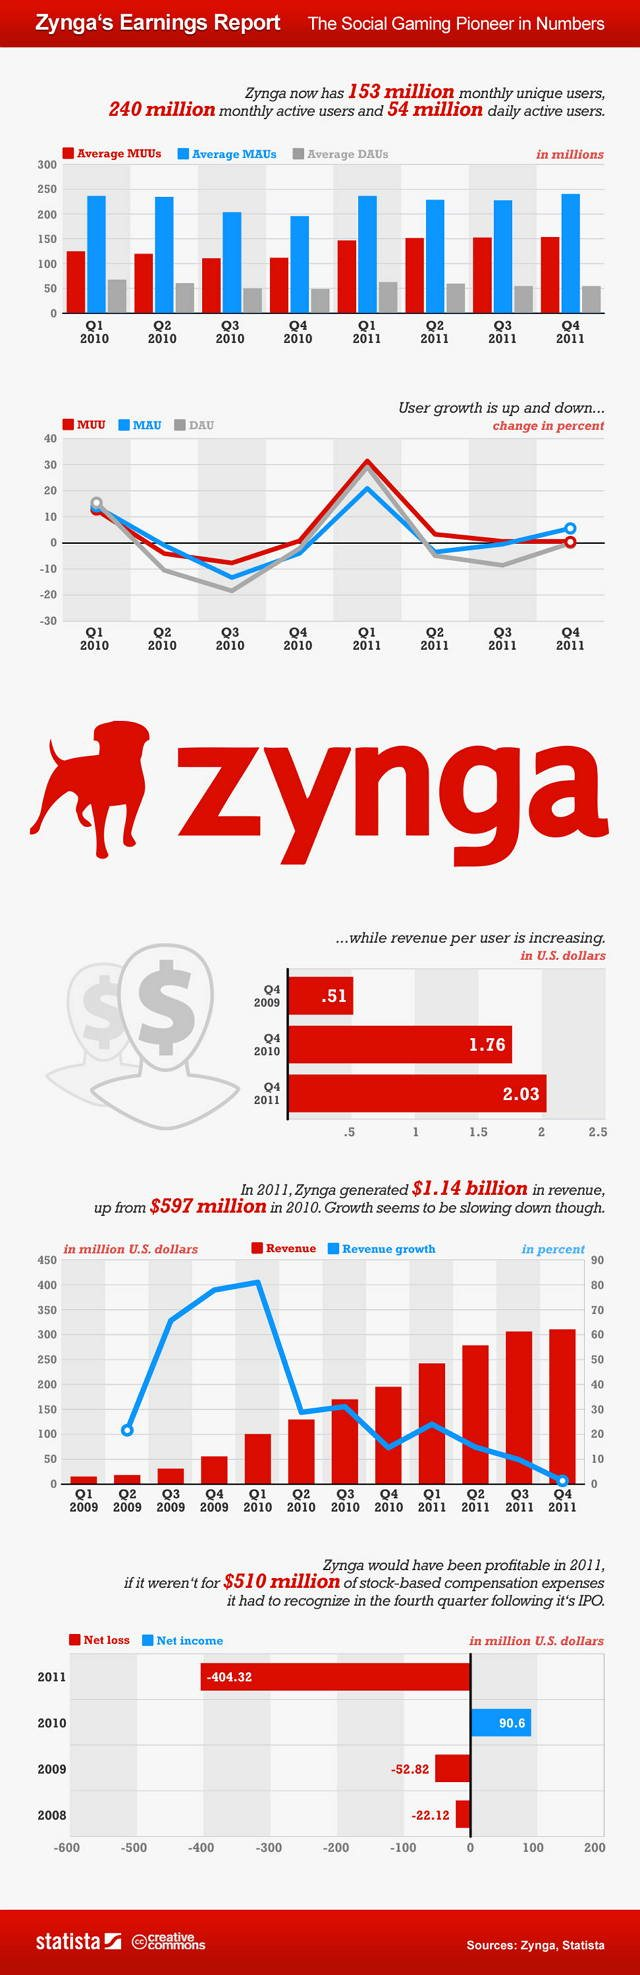 Las ganancias de Zynga